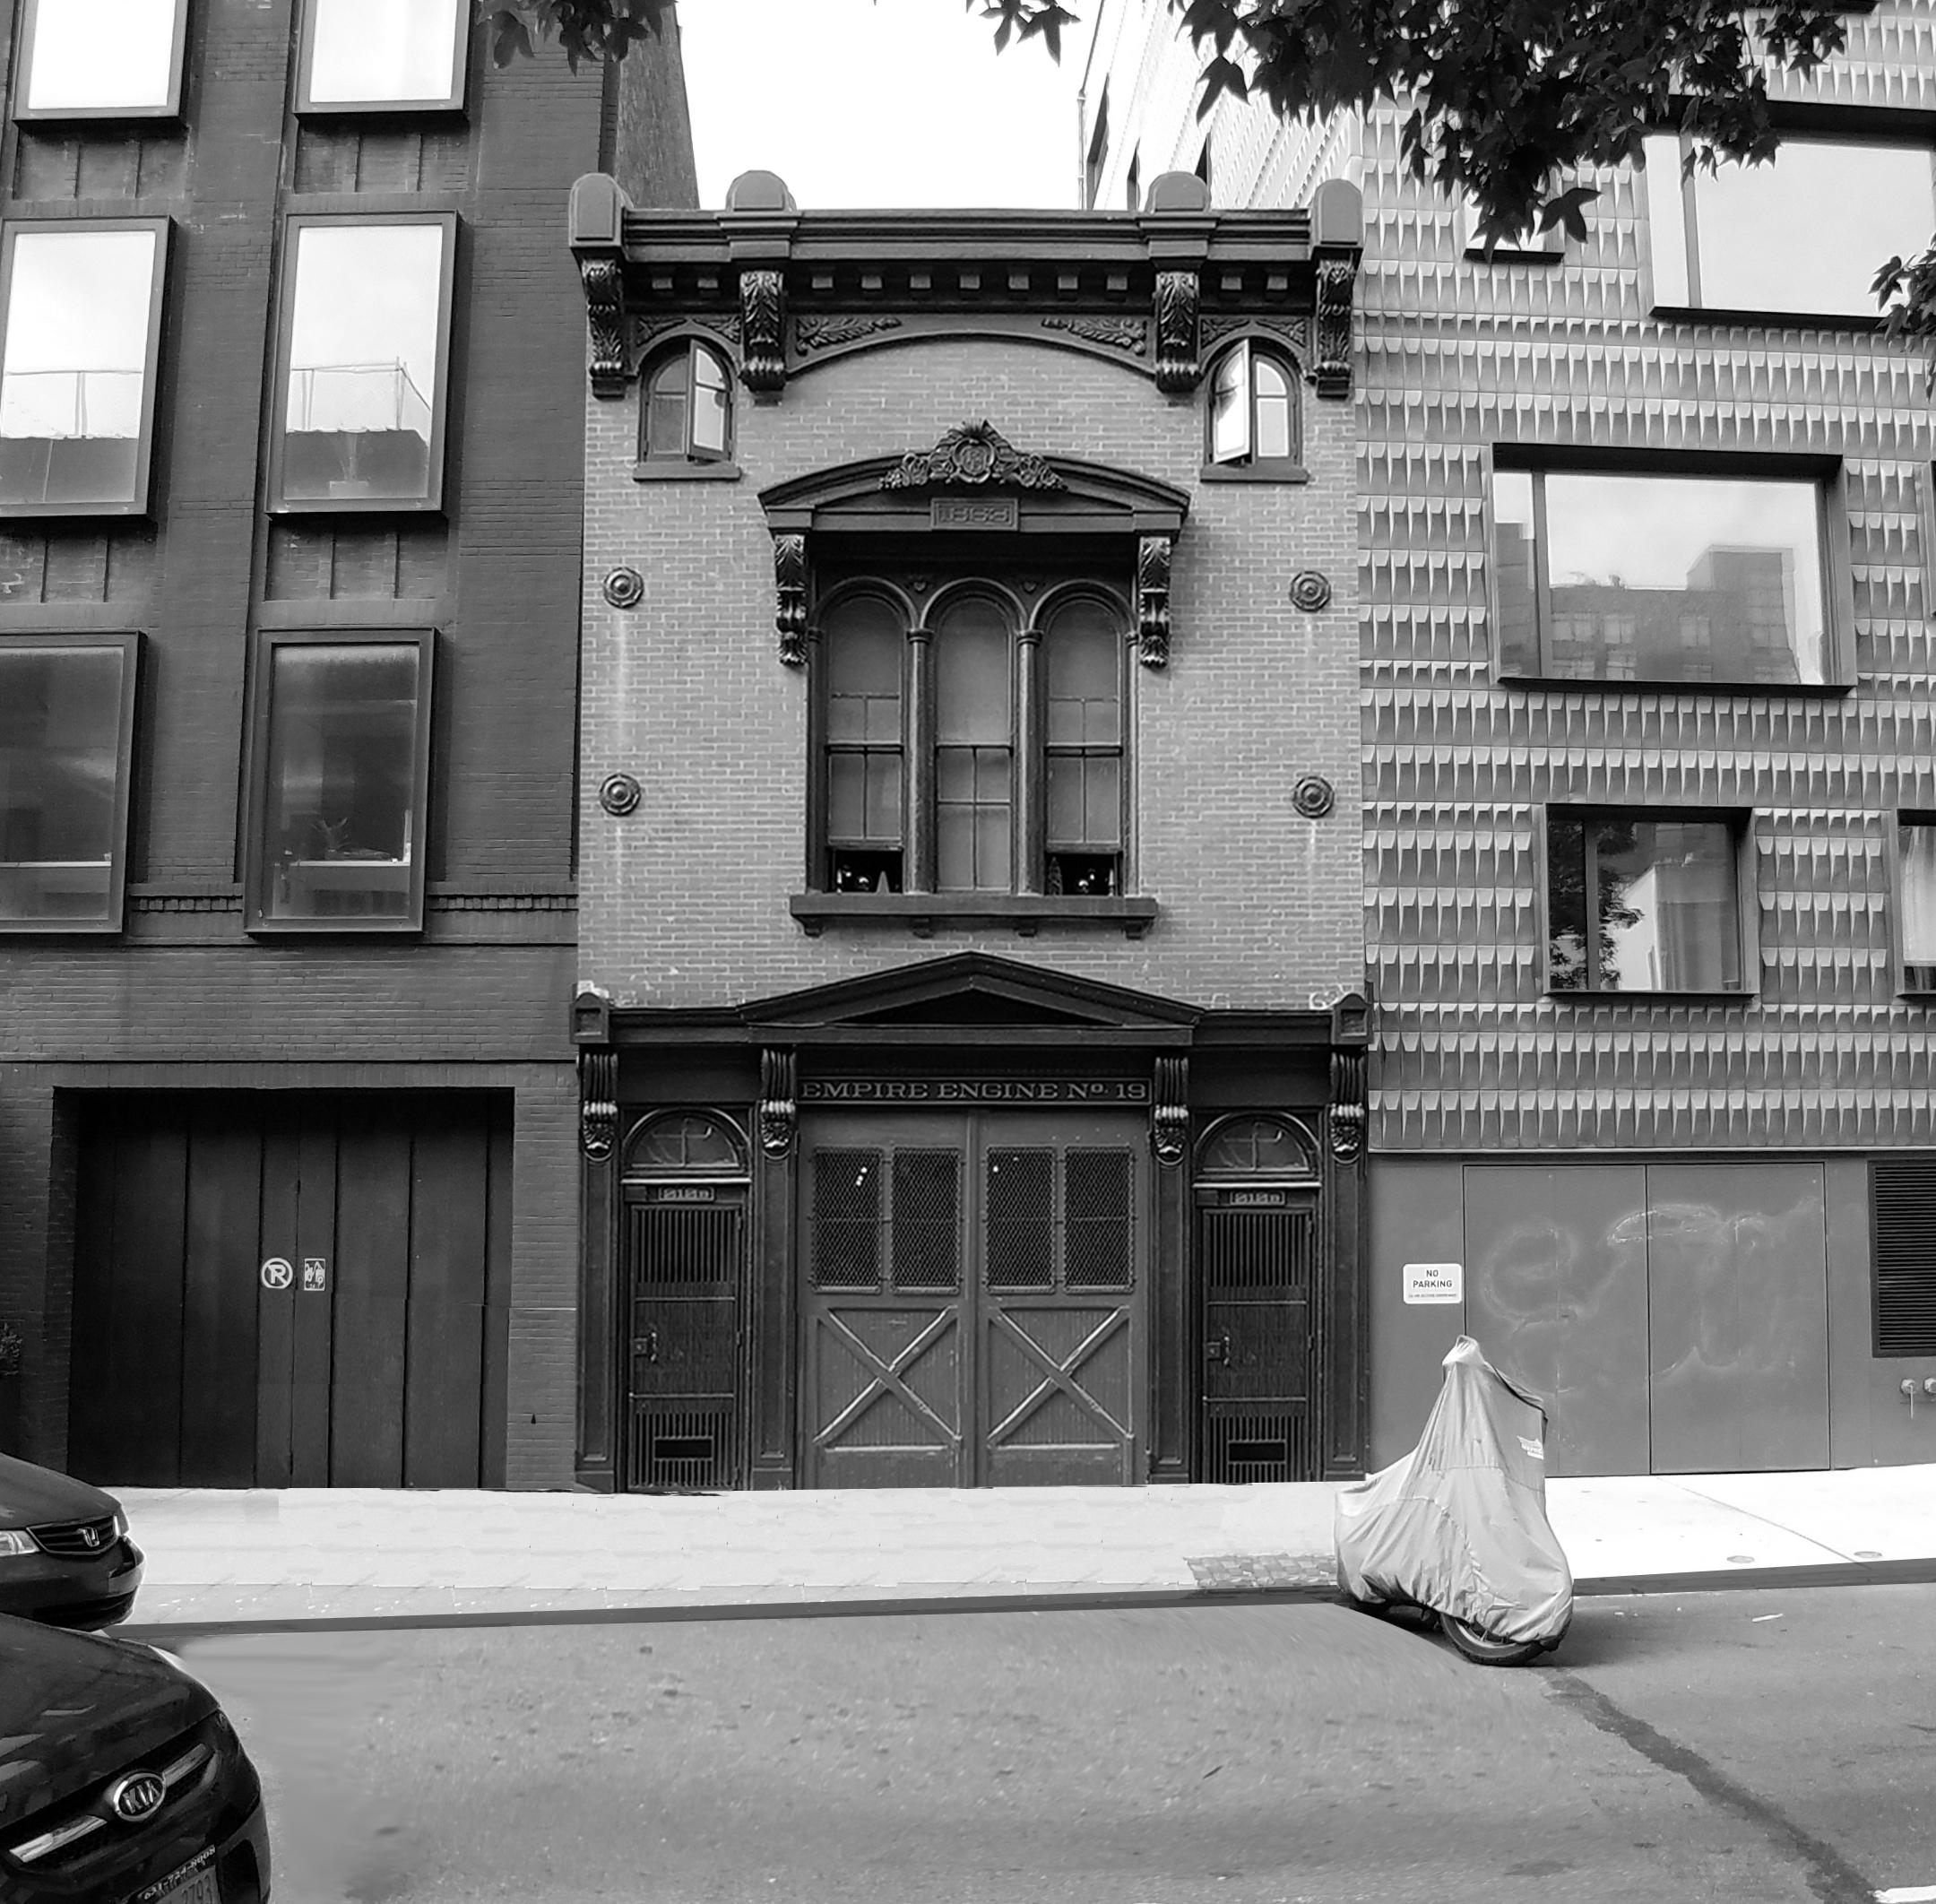 Firehouse in Brooklyn